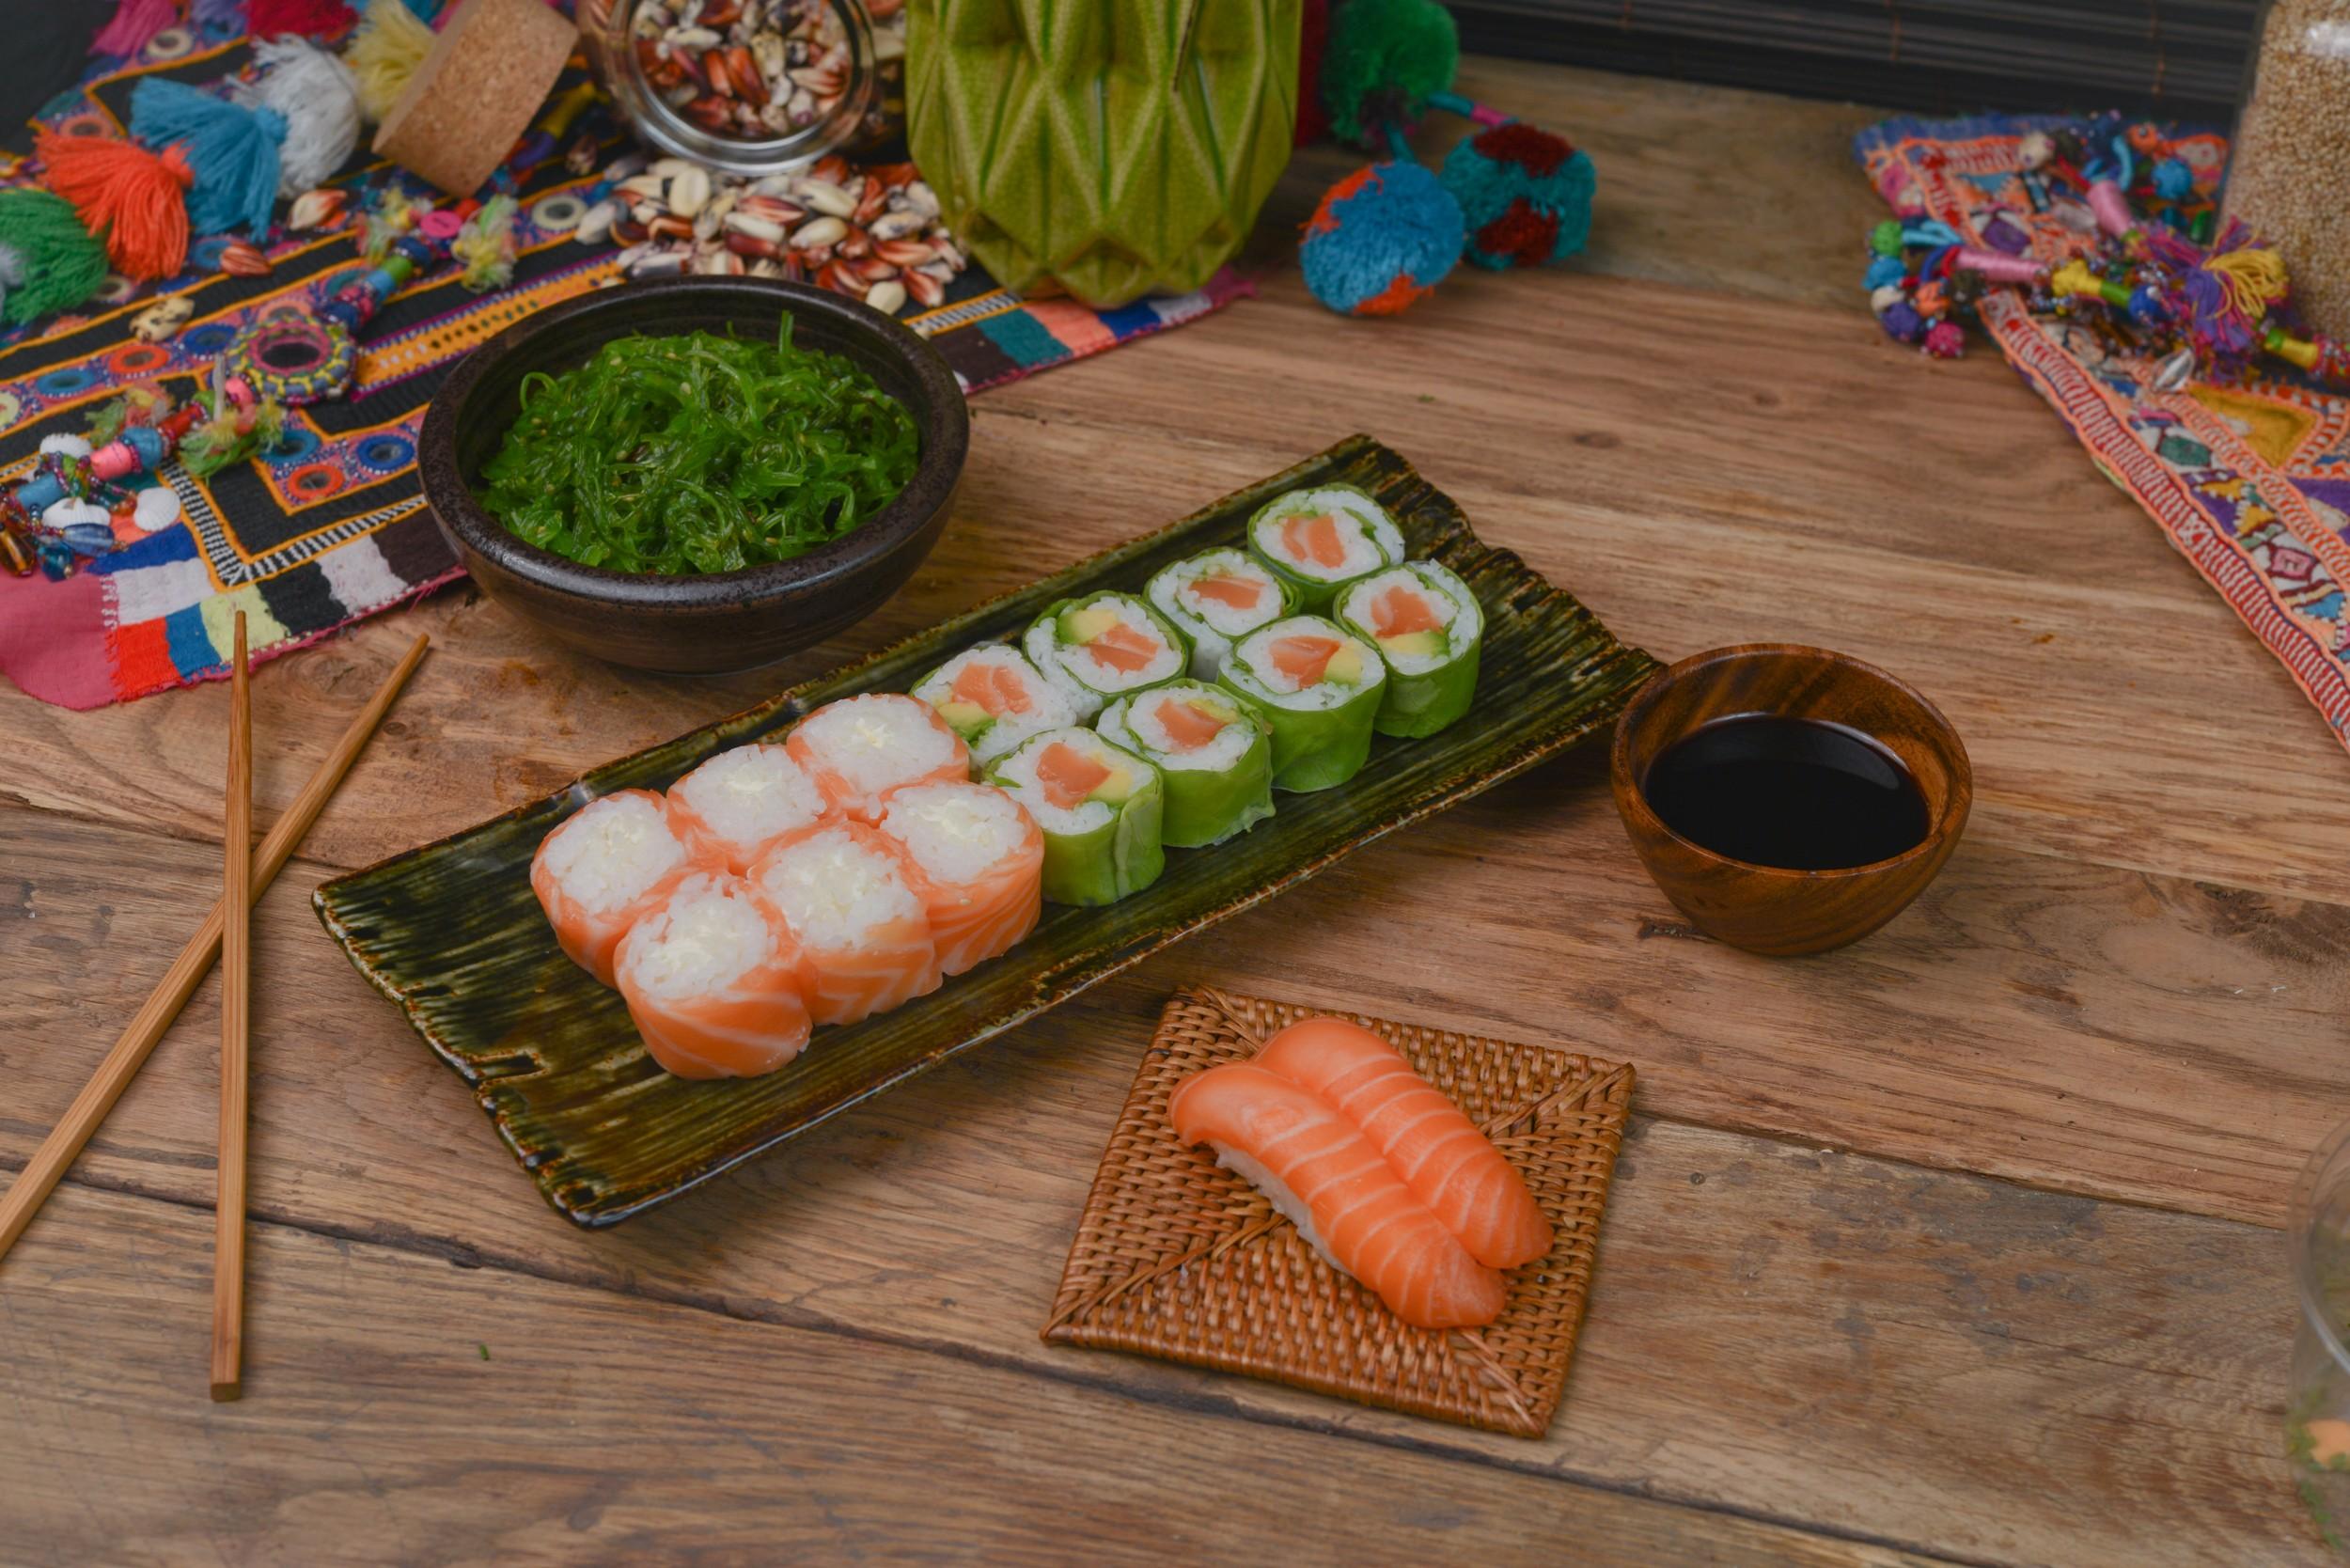 Cours De Cuisine Henin Beaumont côté sushi | linkedin